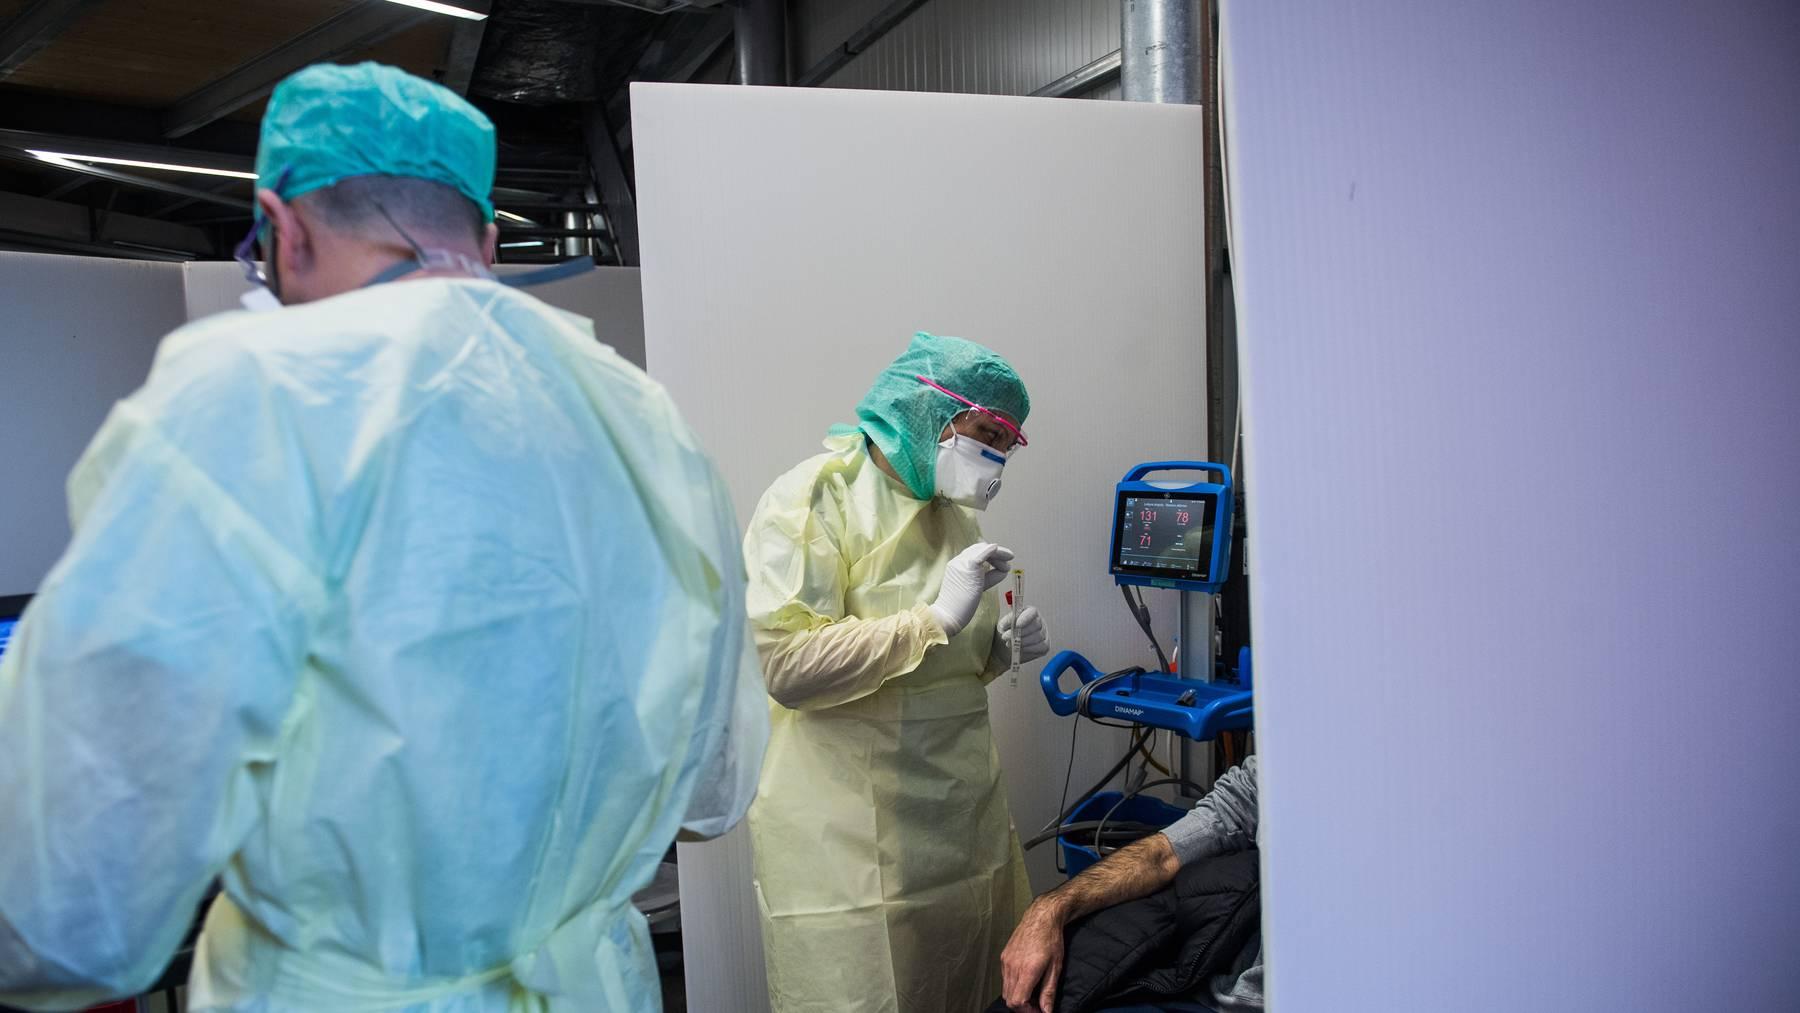 Die Zahl der Neuansteckungen mit dem Coronavirus steigt auch in der Schweiz an.